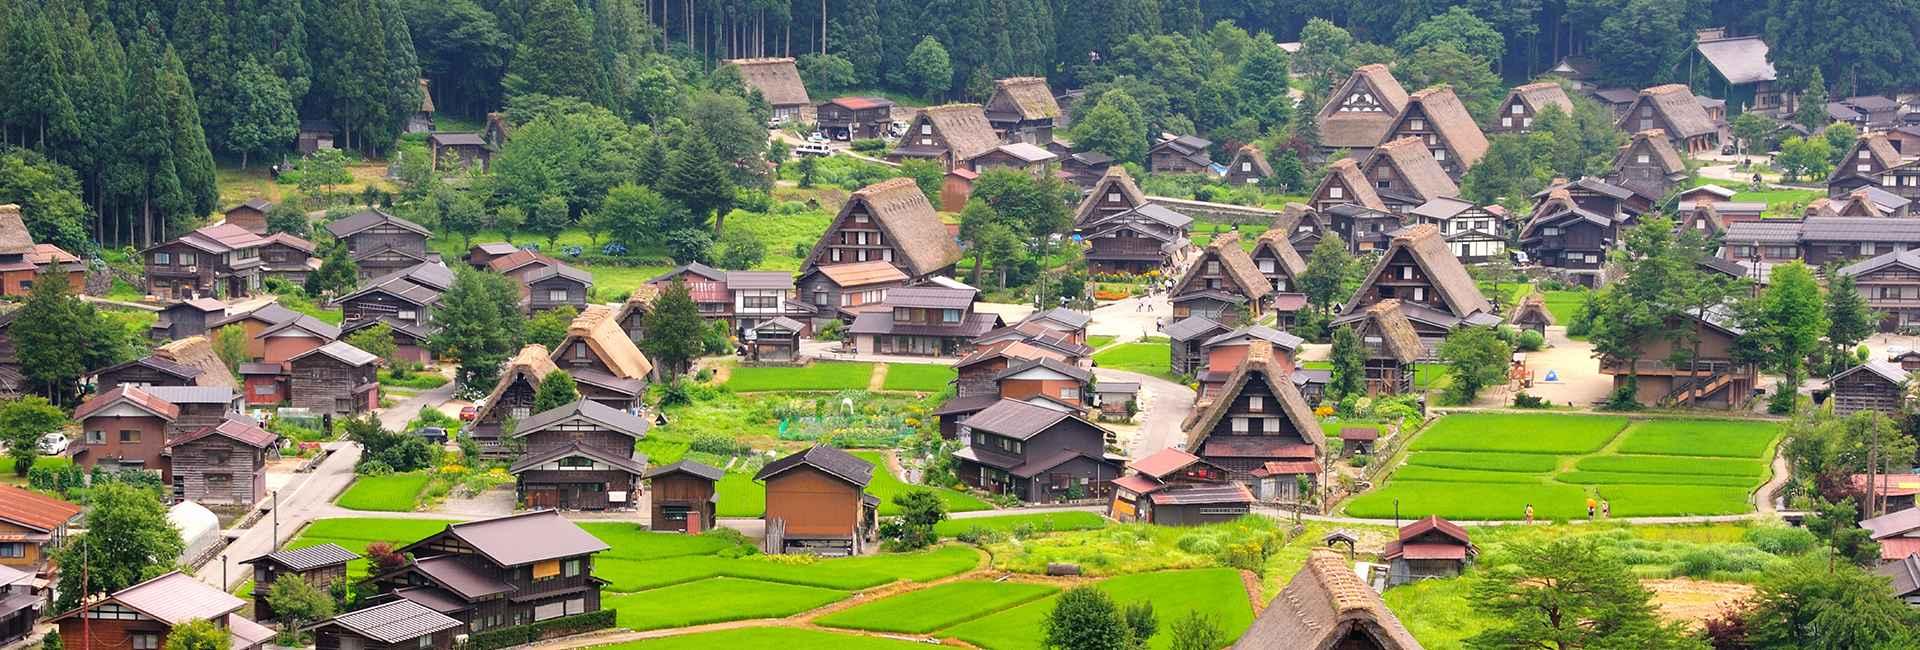 Shirakawa-go in estate